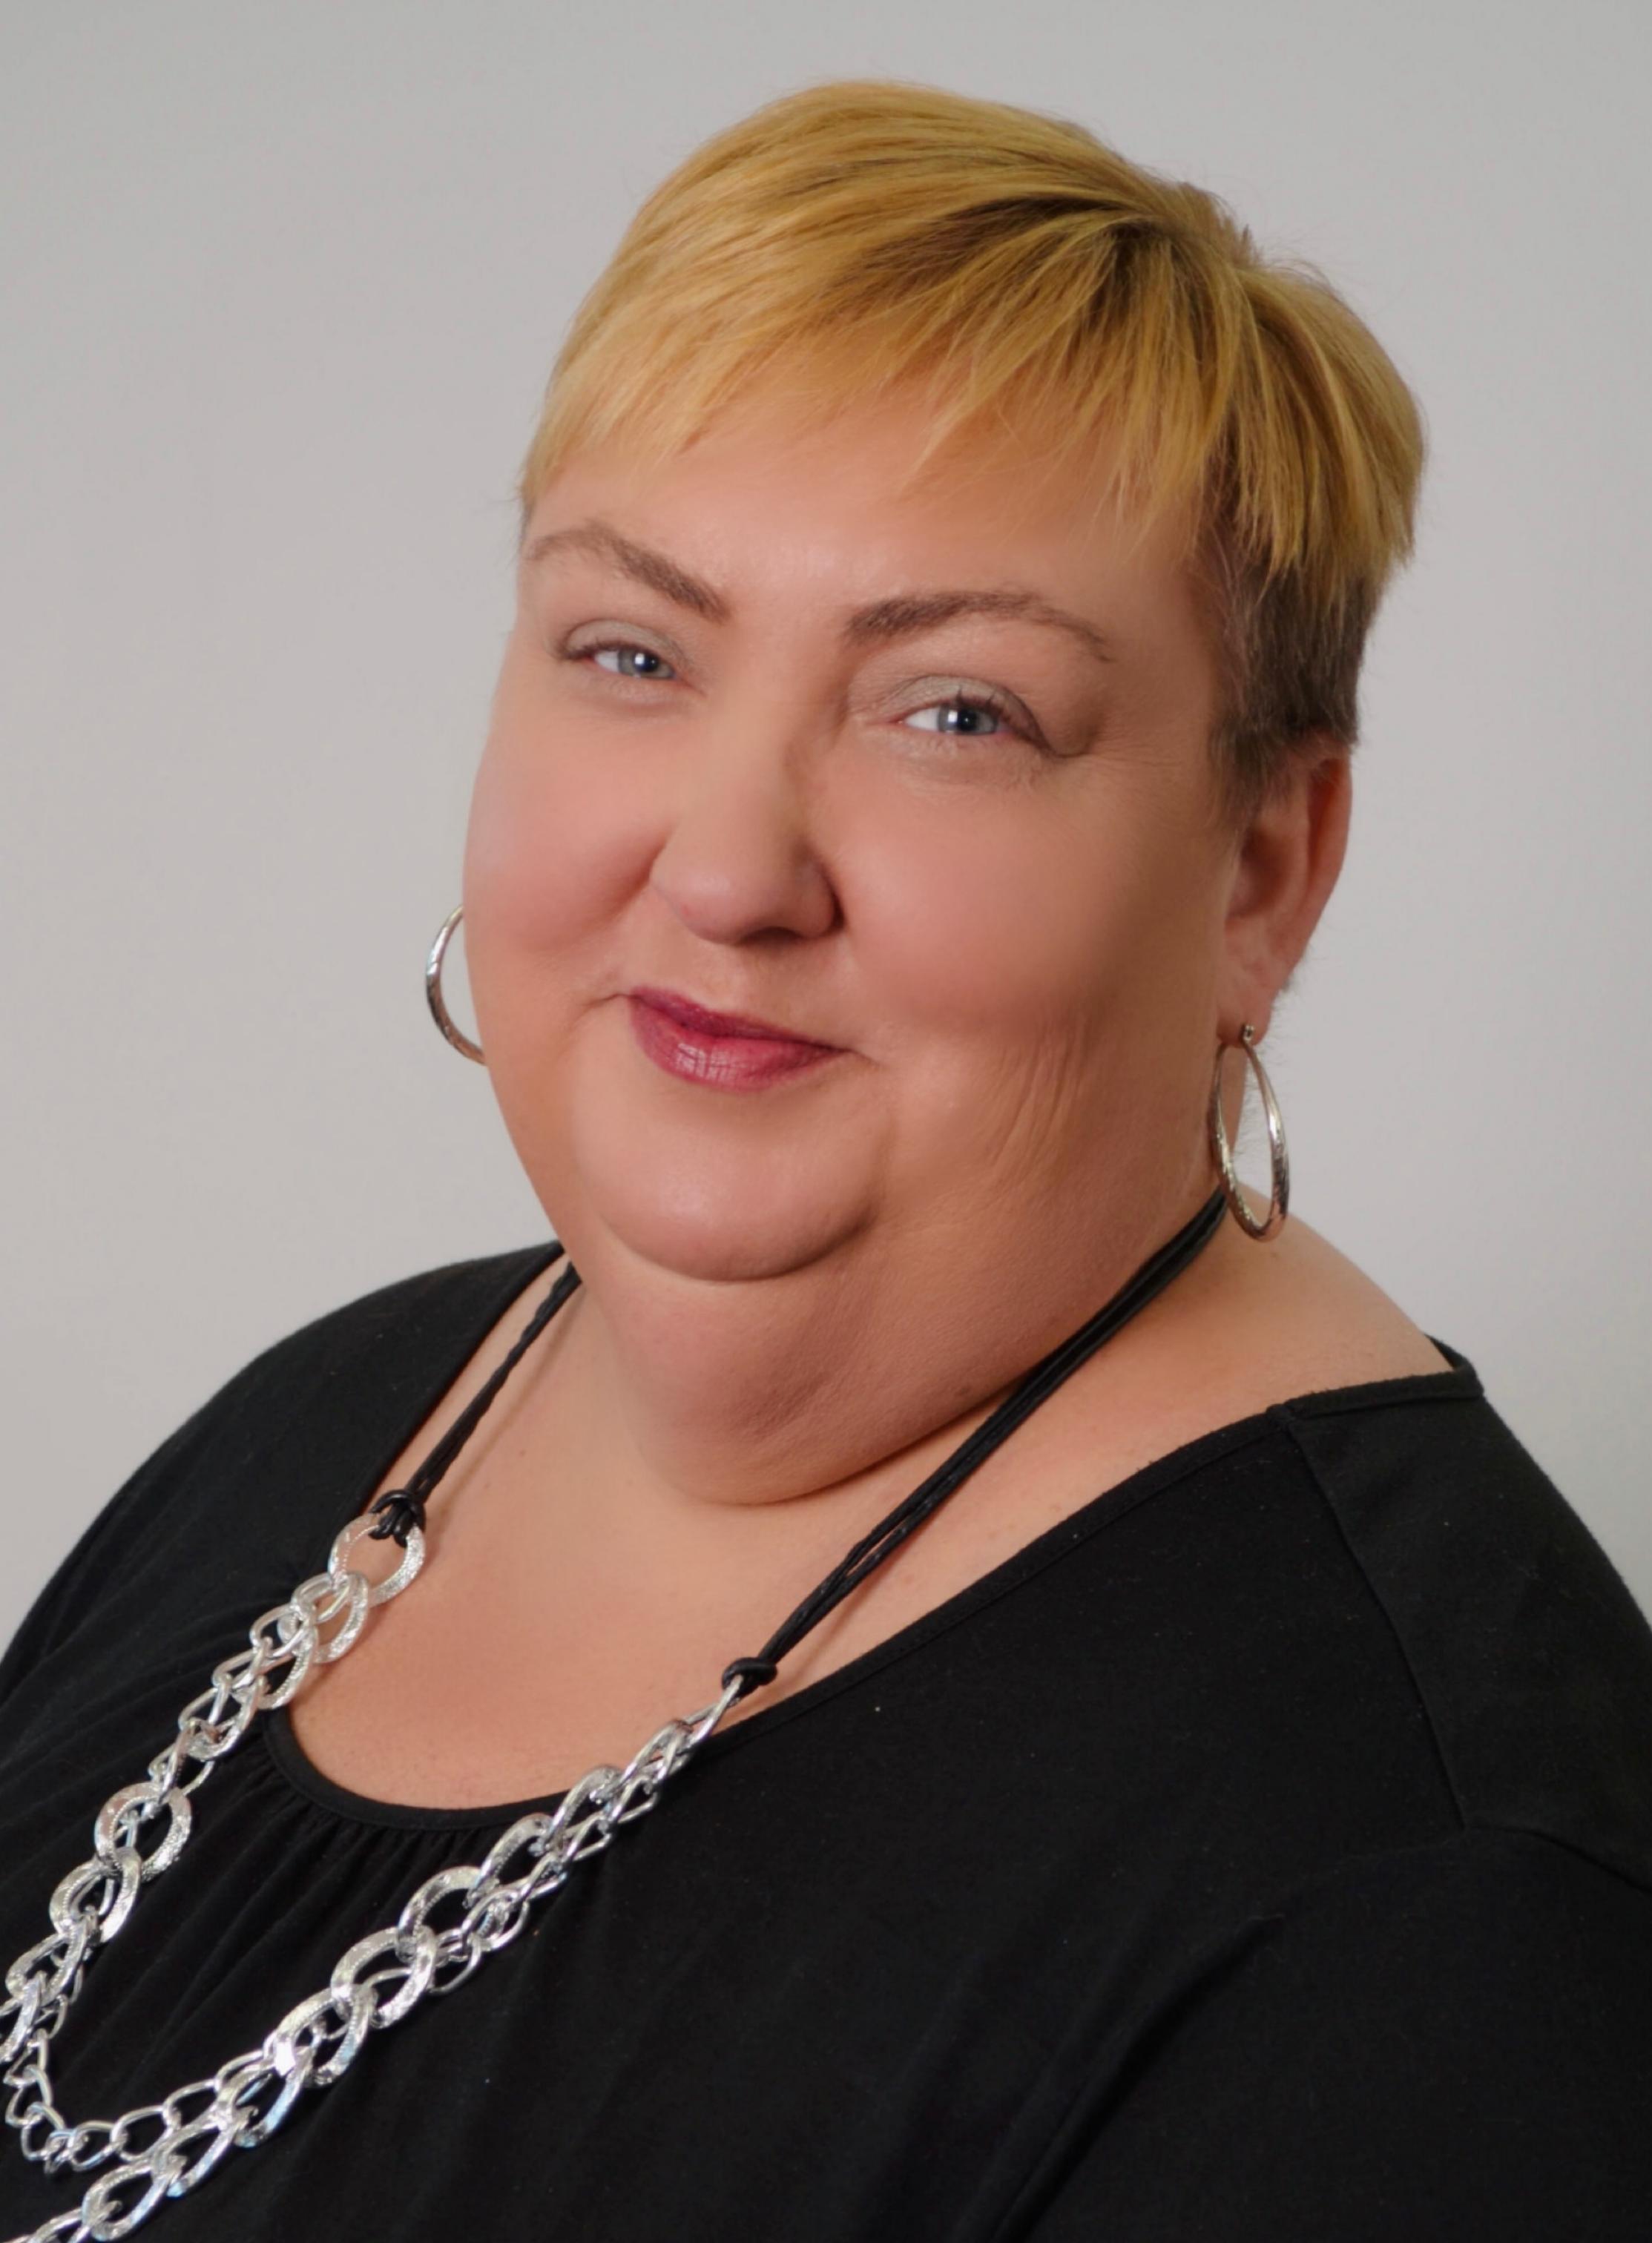 Karen McNealy